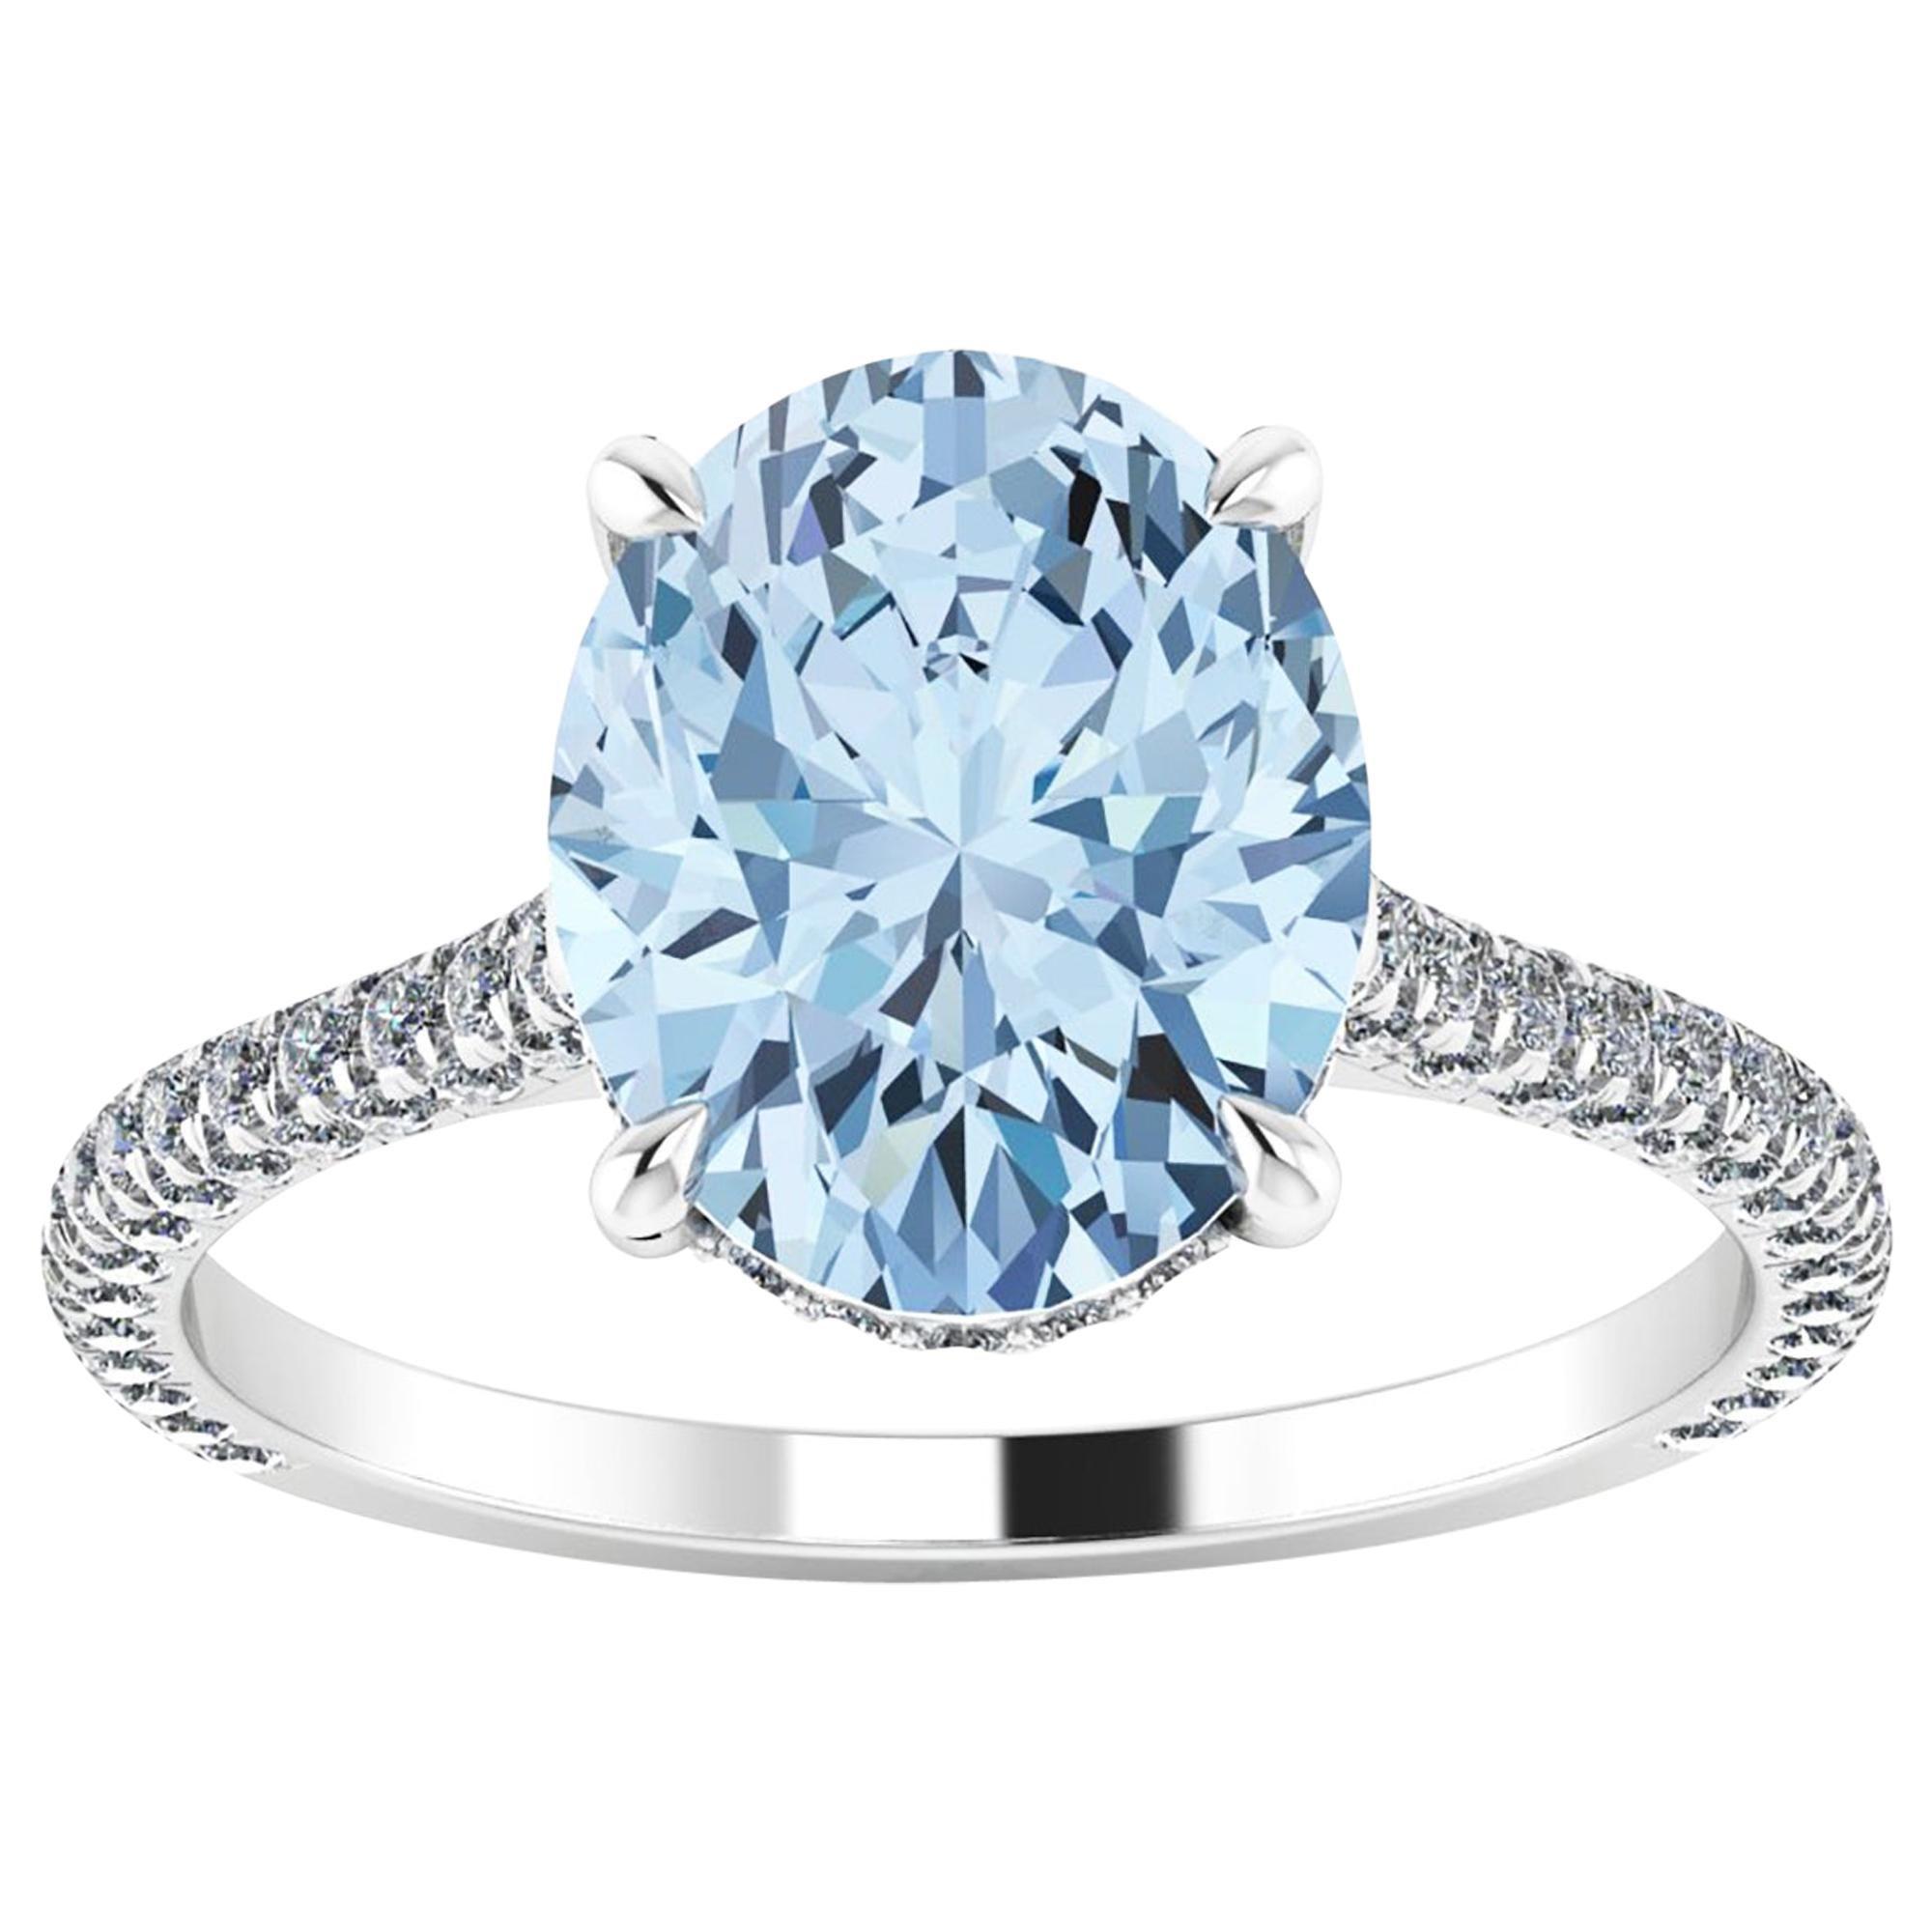 2.5 carat Oval Blue Aquamarine and White Diamonds Pave' in Platinum